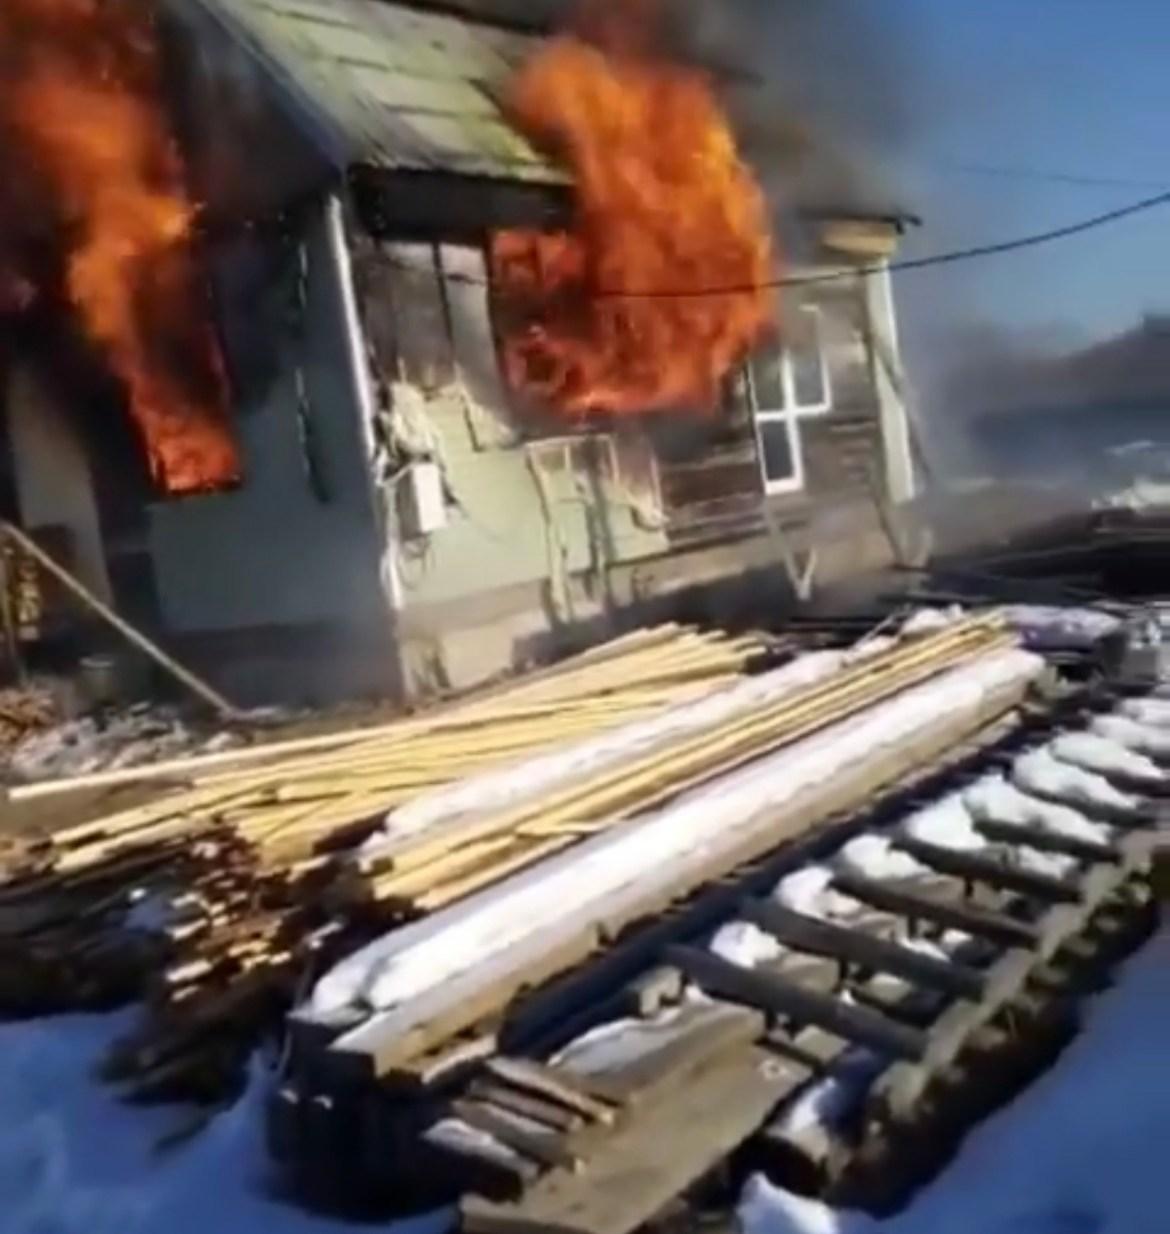 Вышла из дома за хлебом, а вернулась на пожар жительница ЕАО